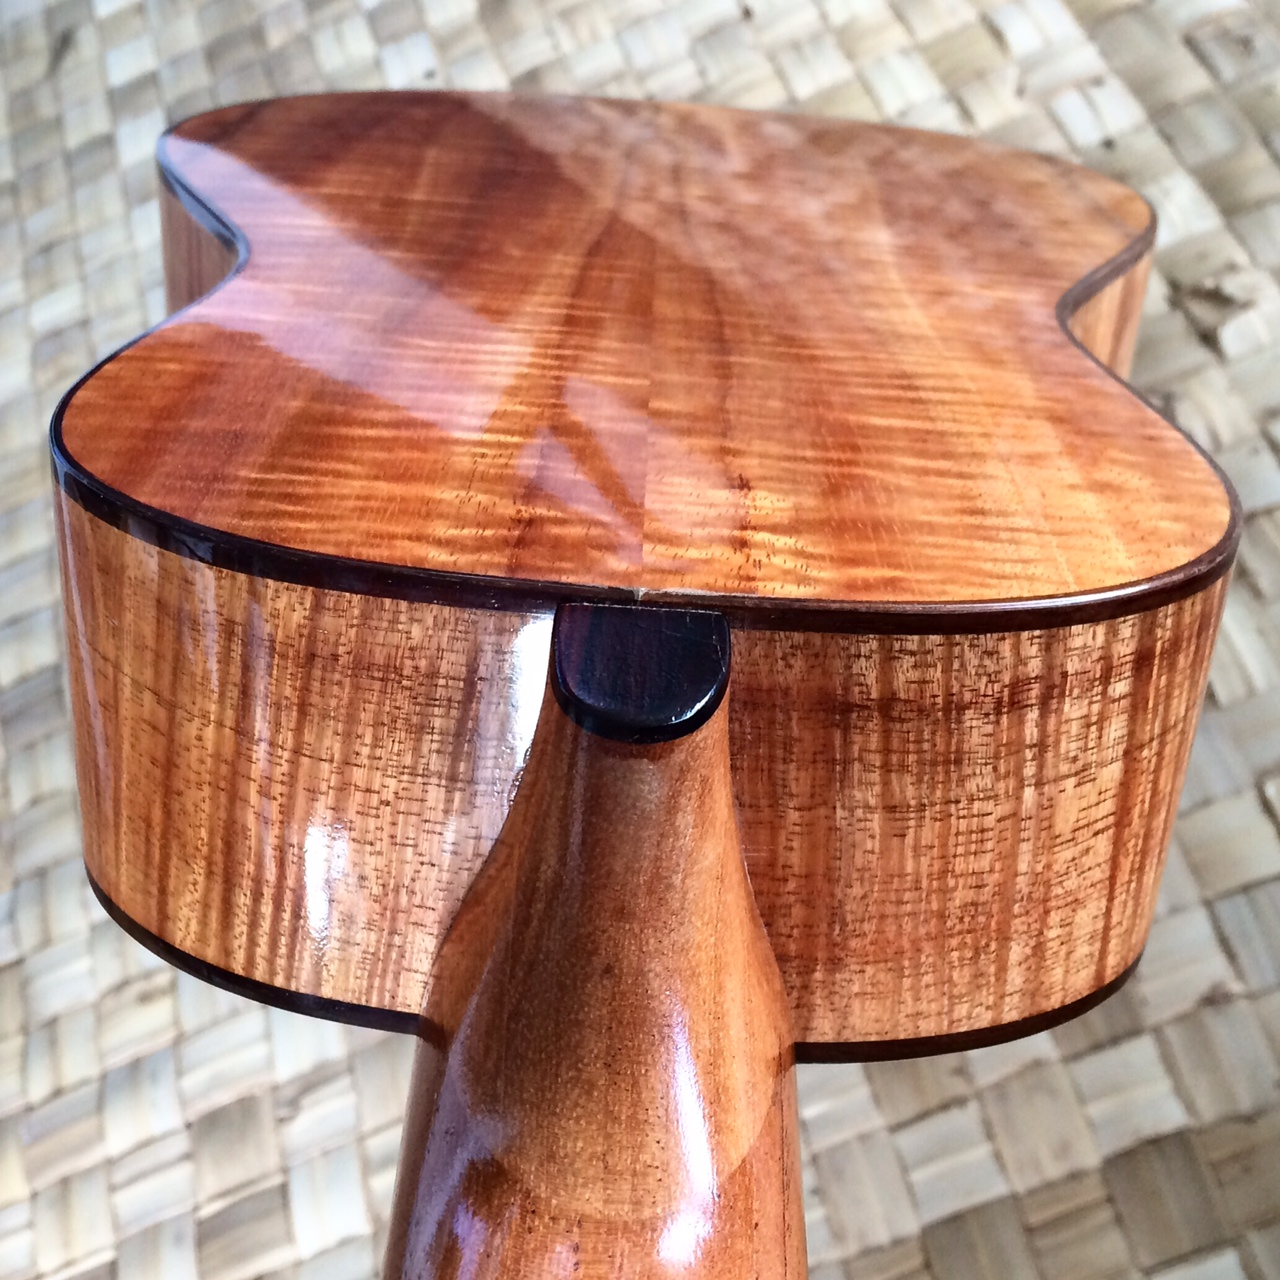 consert ukulele back